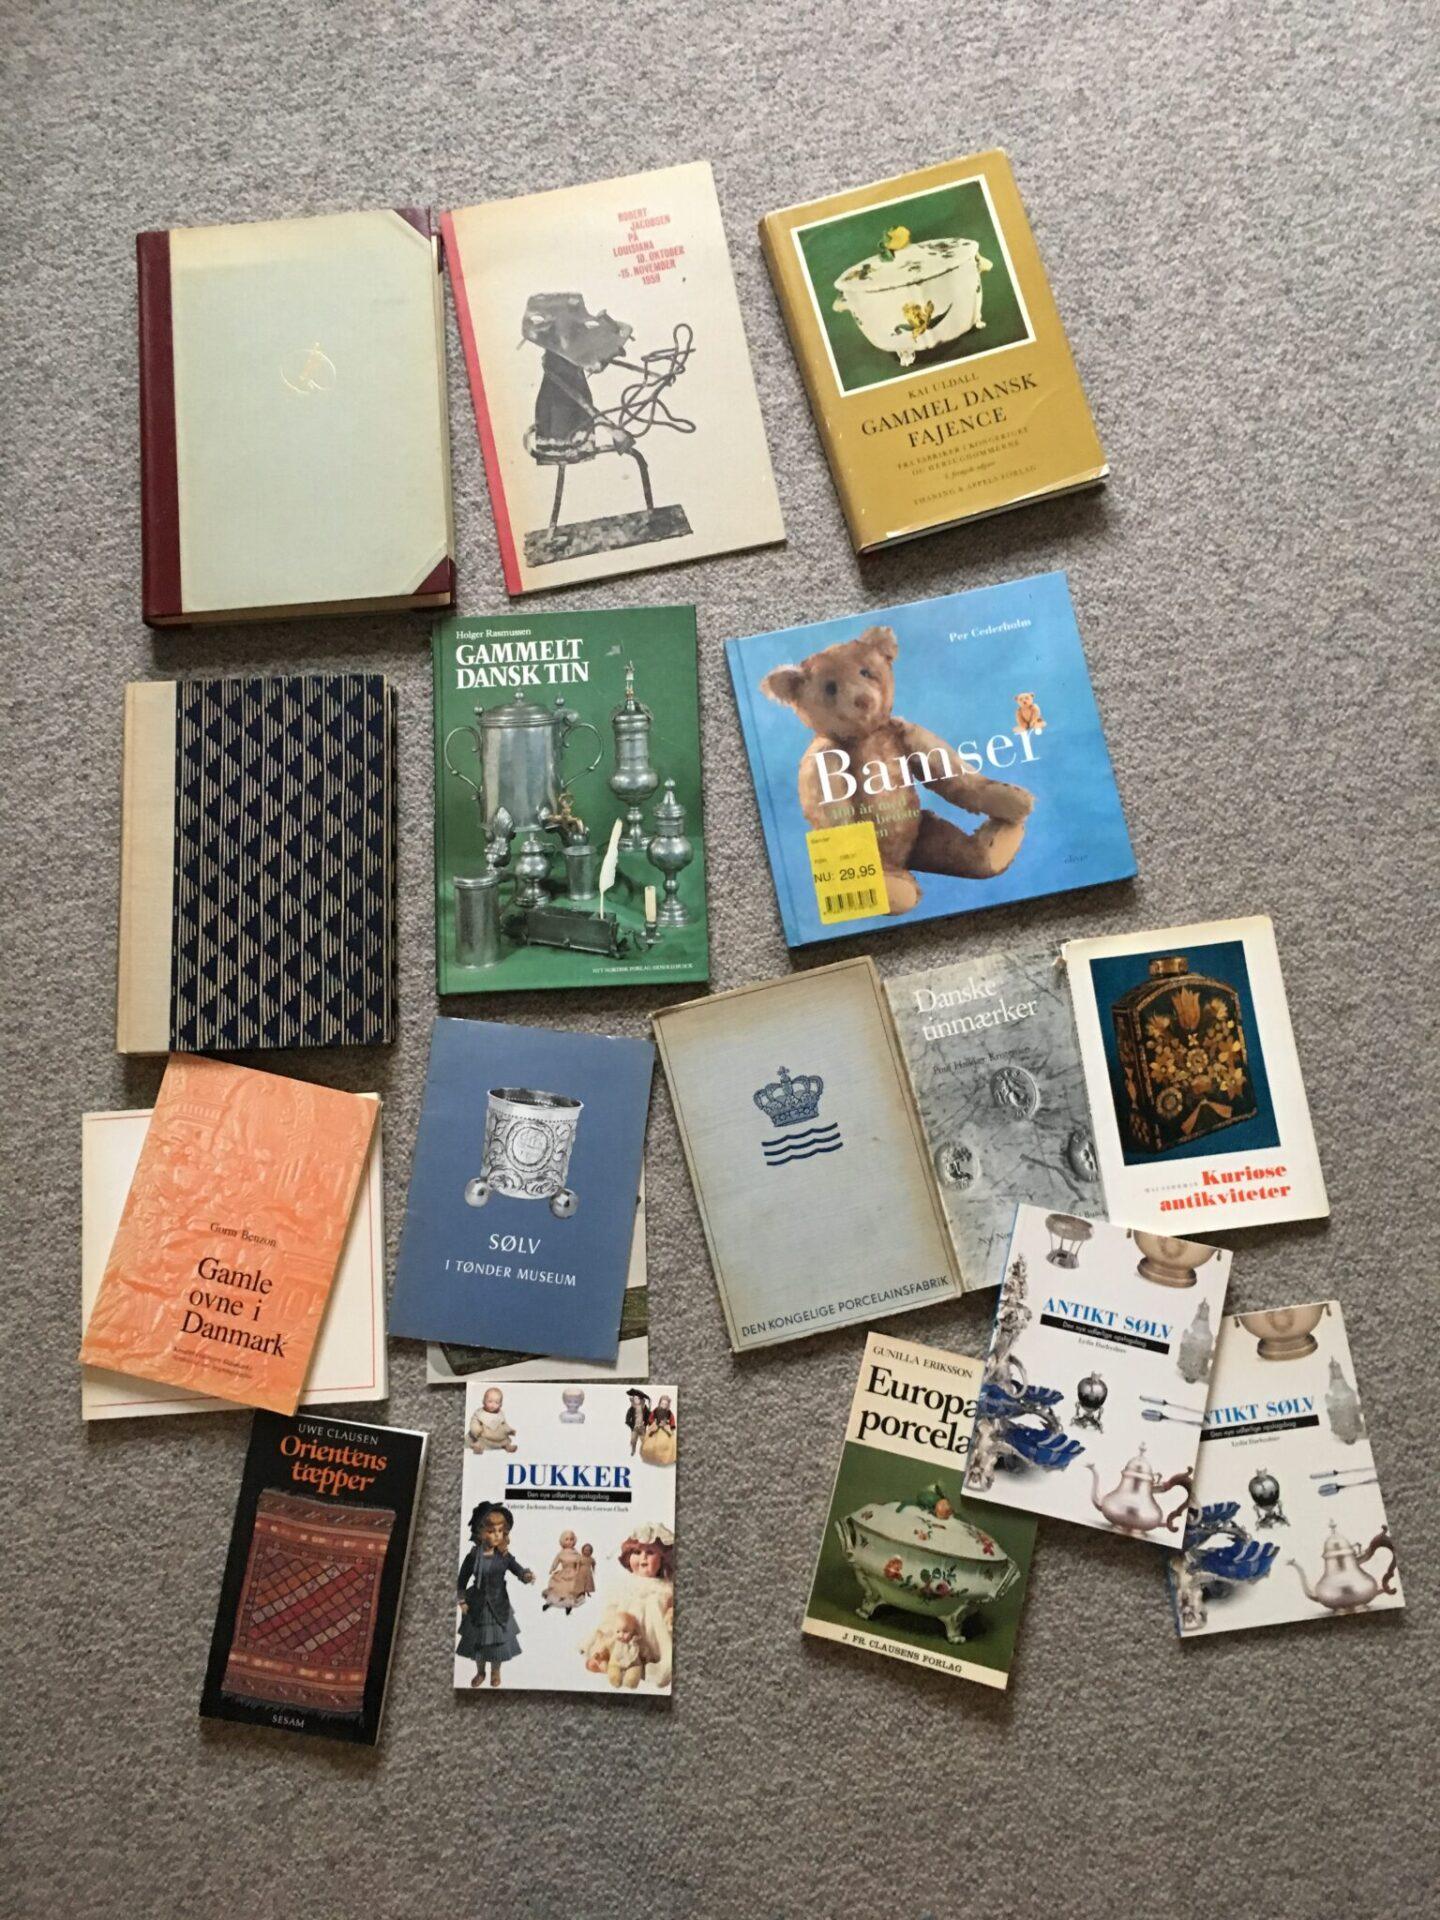 Bogudsalg: 18 stk bøger om kunst og antikviteter kan afhentes for 200 kr.